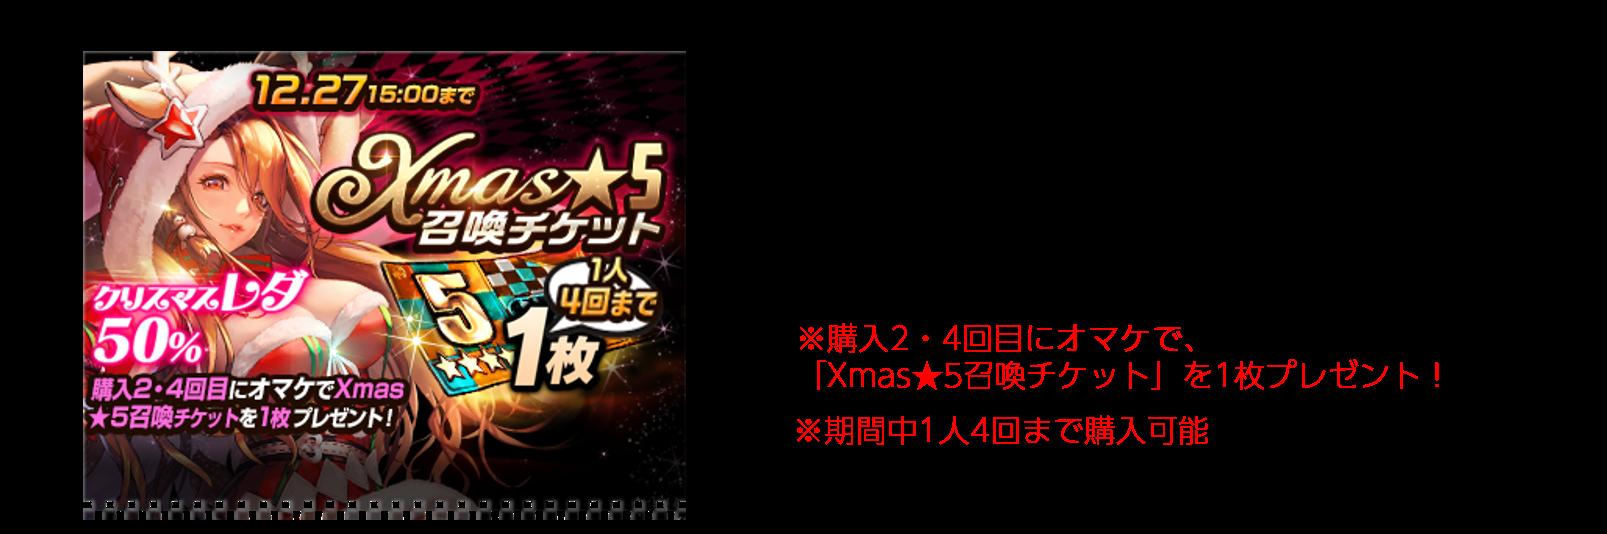 Xmas★5召喚チケット1